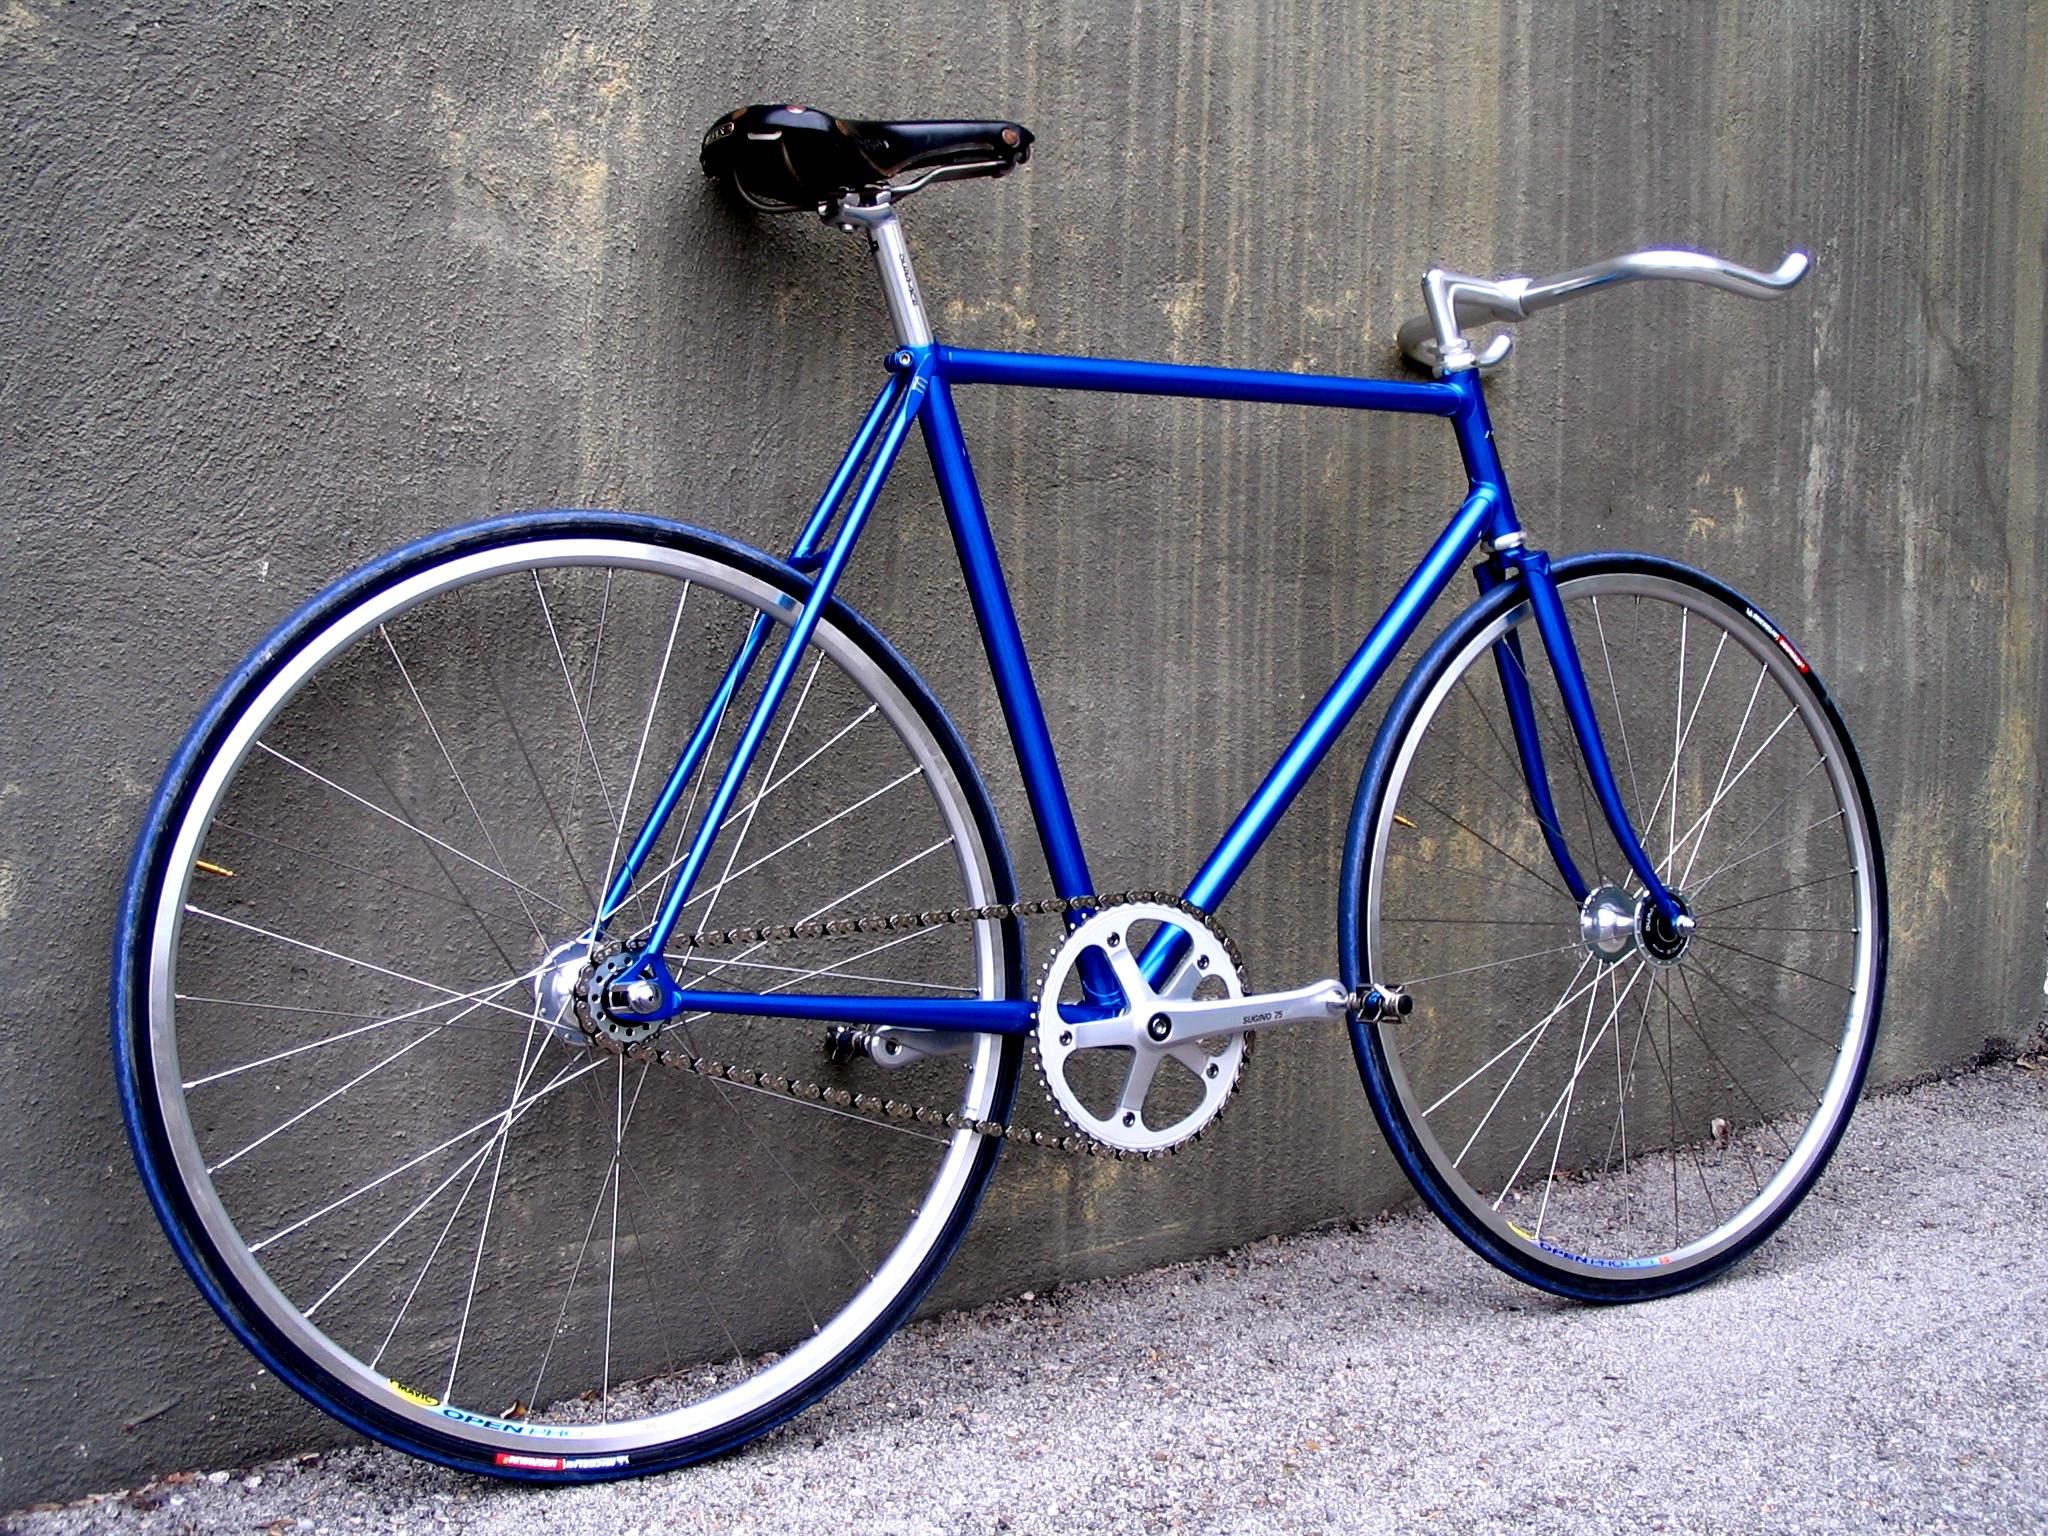 Bicicleta de piñón fijo - Wikiwand